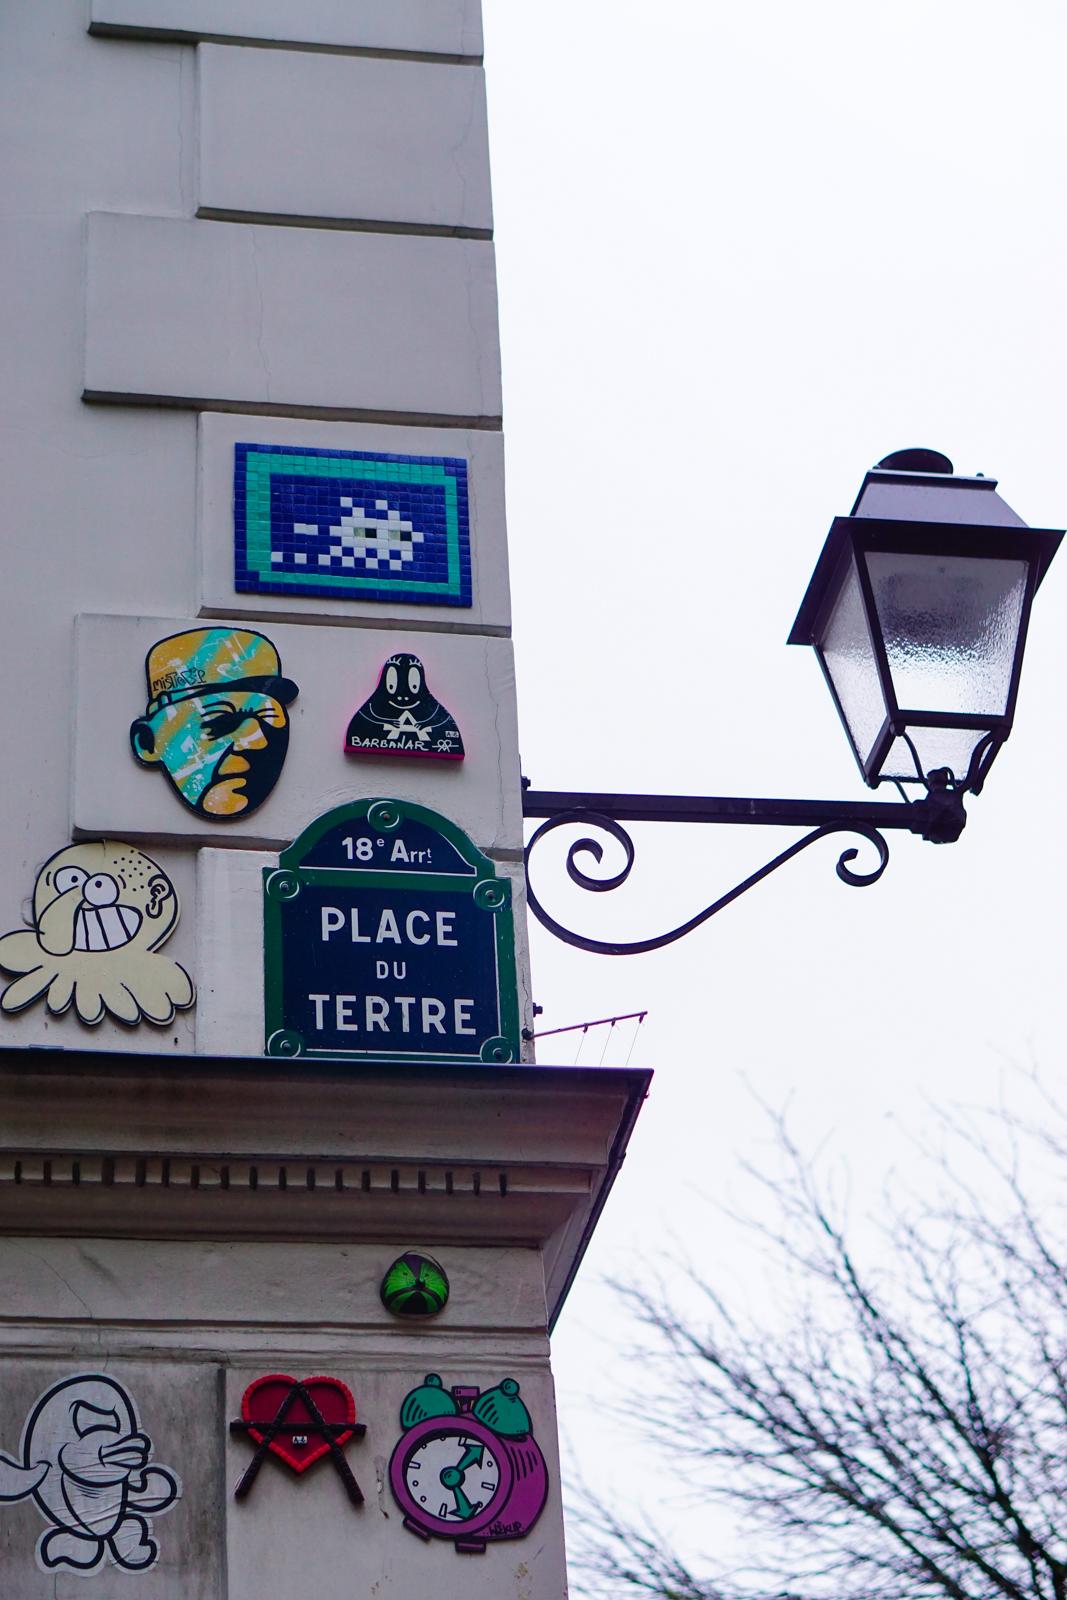 montmartre, montmartre pluie, montmartre automne, balade automne paris, balade paris 18, itinéraire balade paris, paris original, paris authentique, paris street art, art urbain paris, graffiti paris, paris 18 street art, street art montmatre